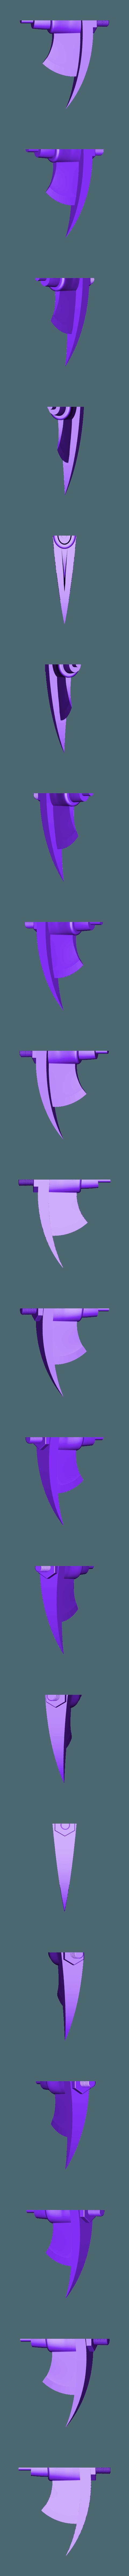 axe1.stl Download STL file Fortnite's axe! / Fortnite Axe! • 3D print design, MLBdesign